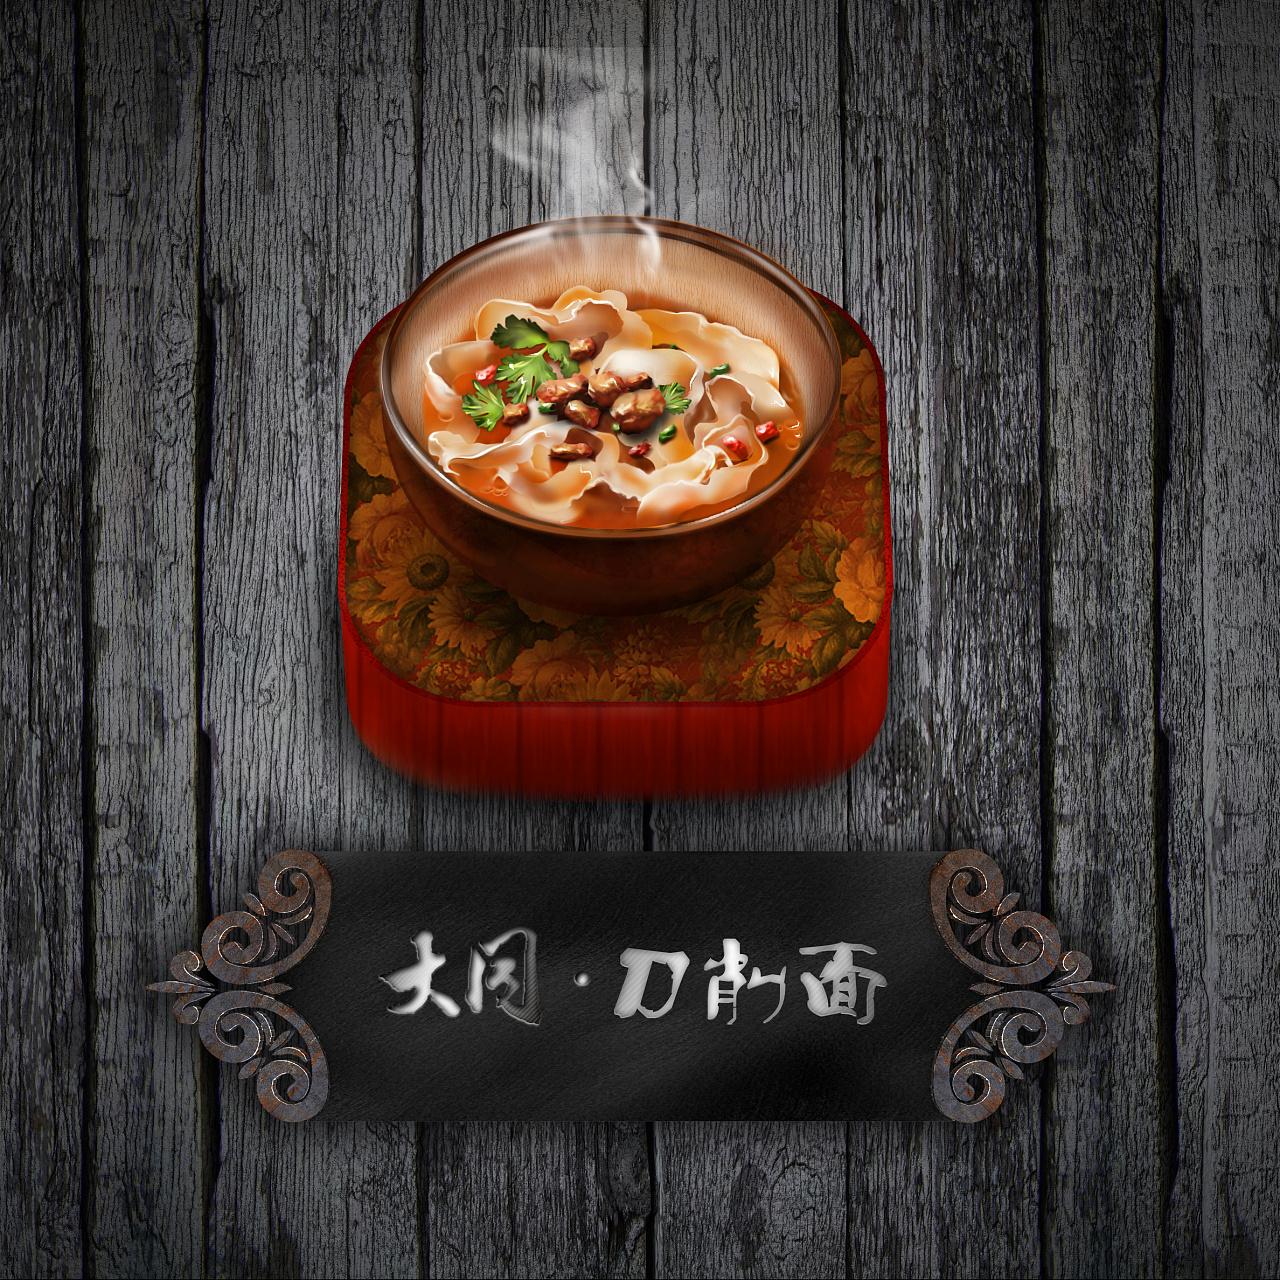 大同中国之美食大全#动漫作品#图片大全的味道鸡美食图片图片